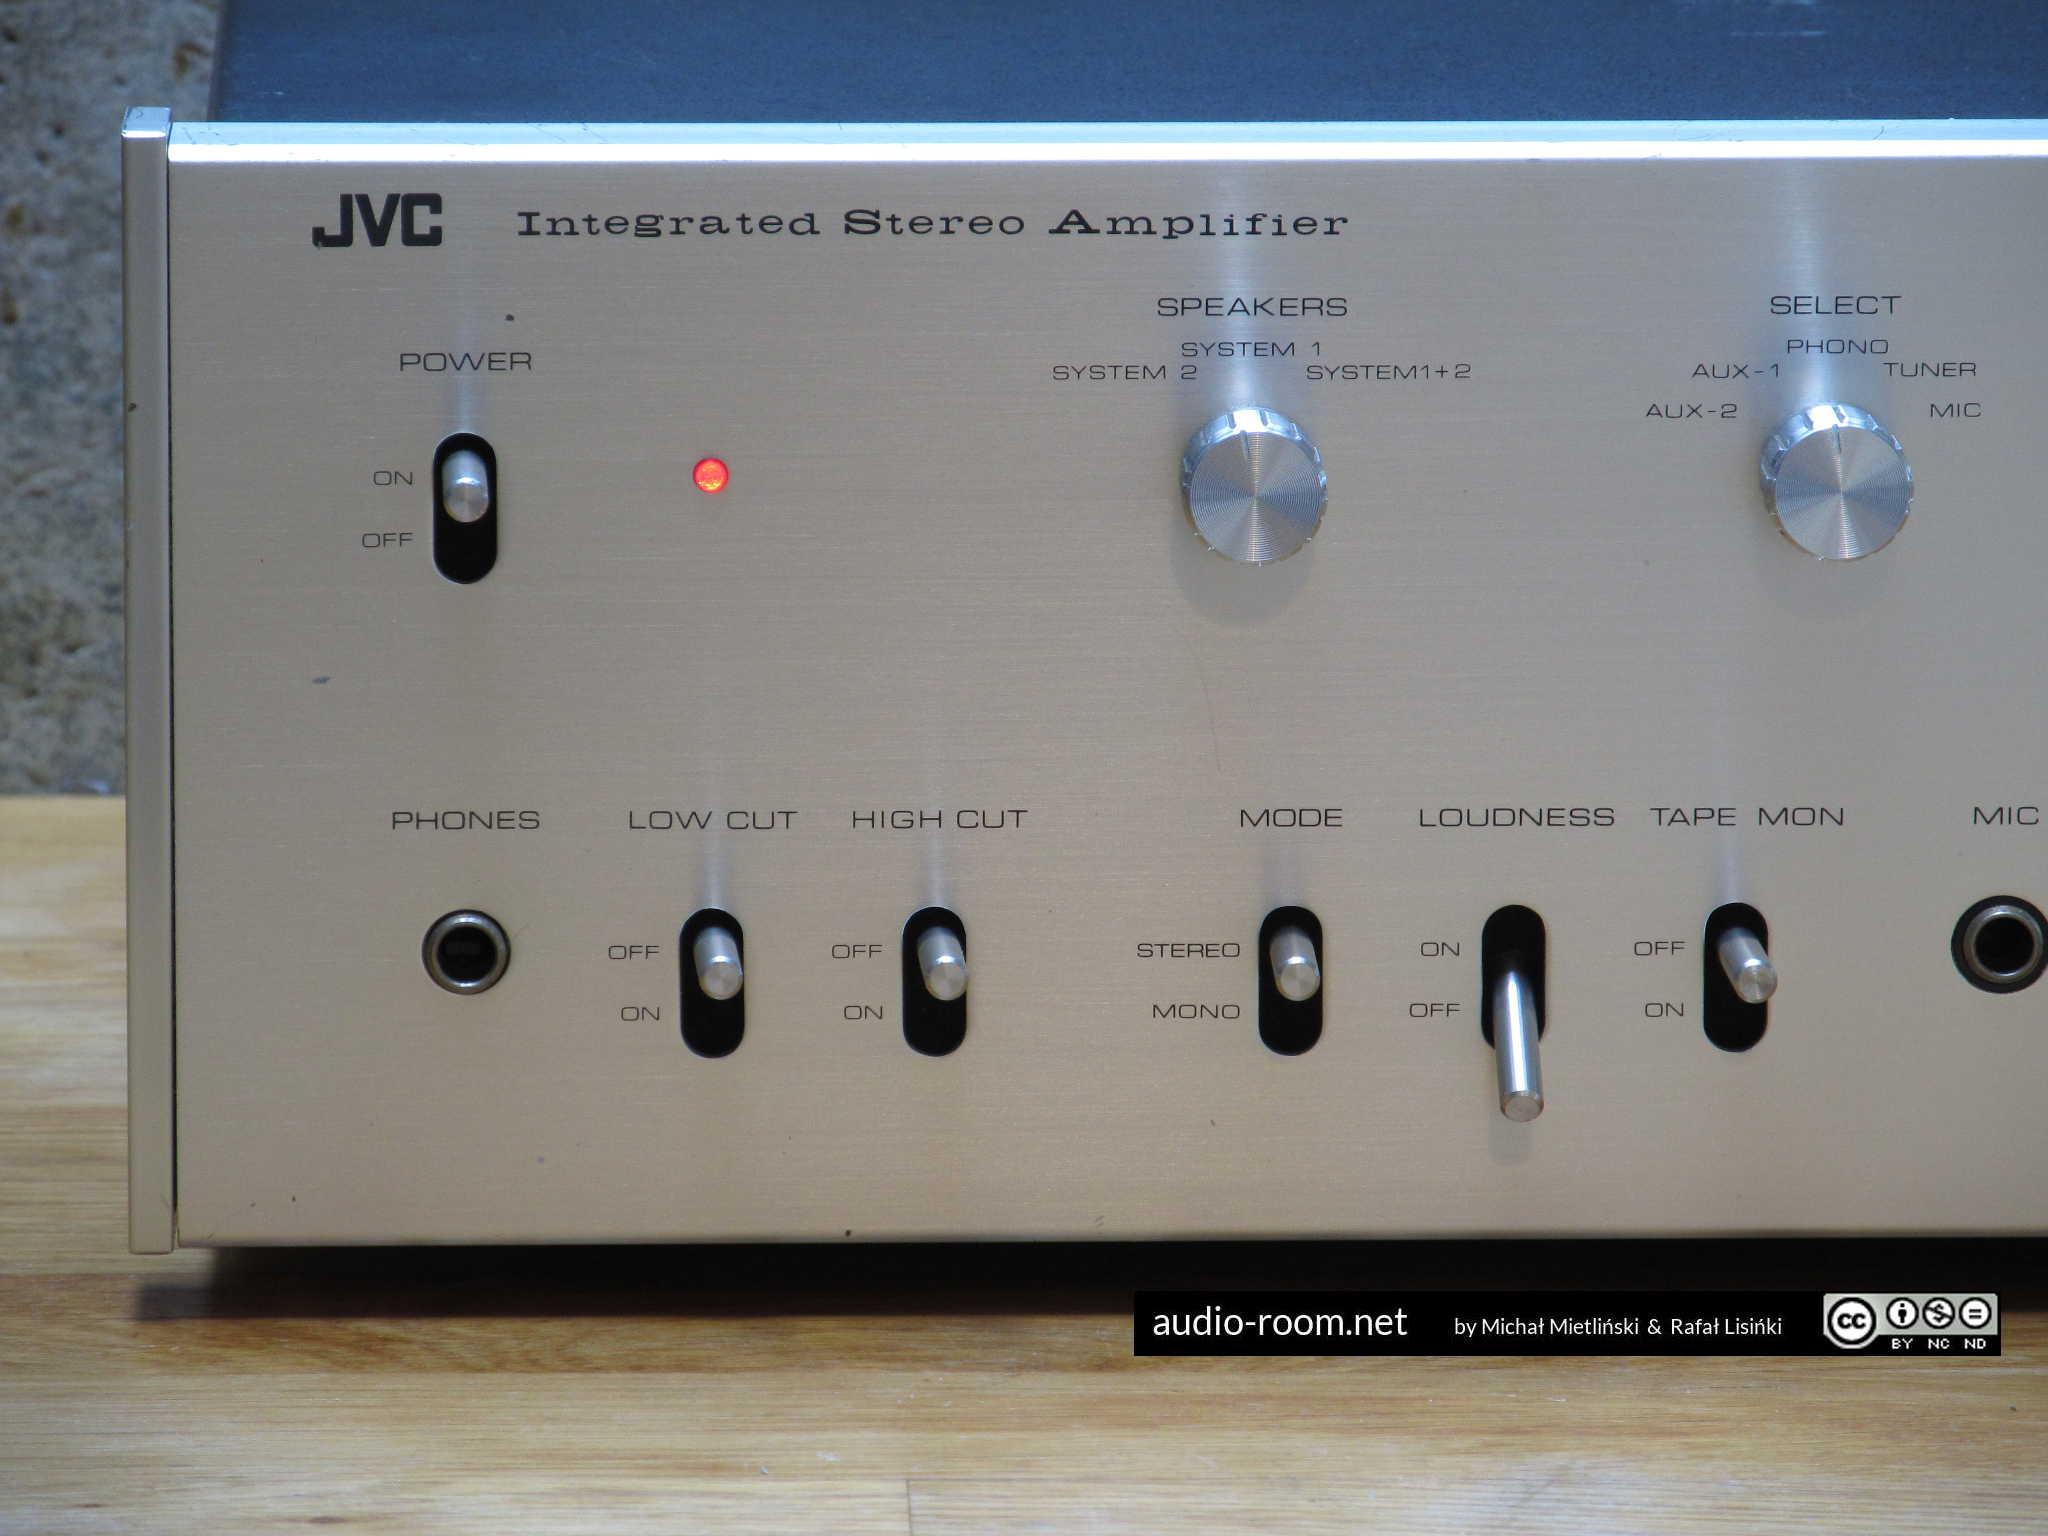 jvc-vn-300_img_90047